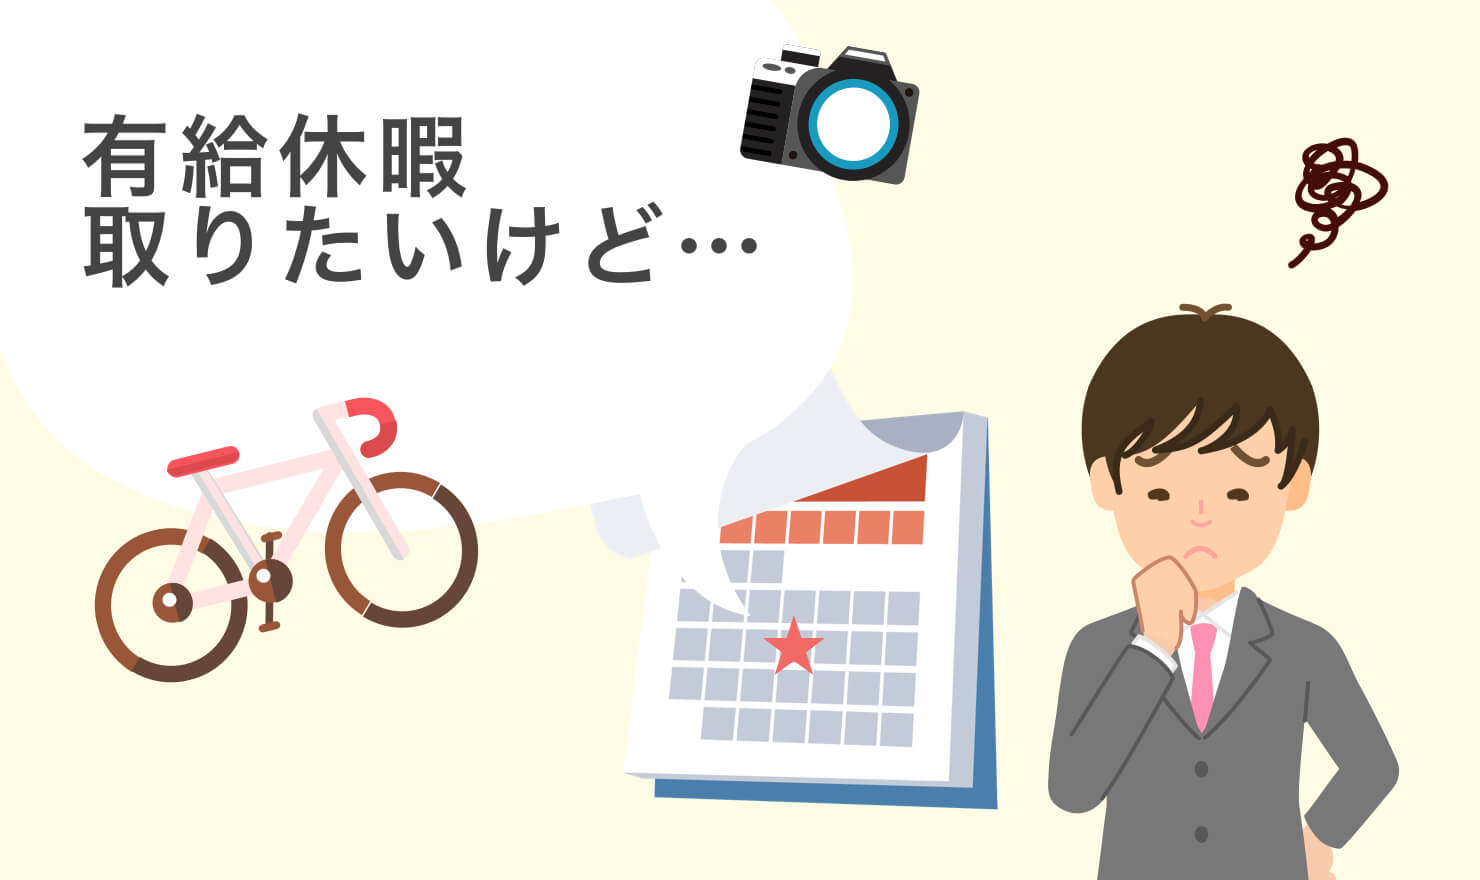 日本の有給消化率って本当に低いの?お休みに関する素朴な疑問にお答え